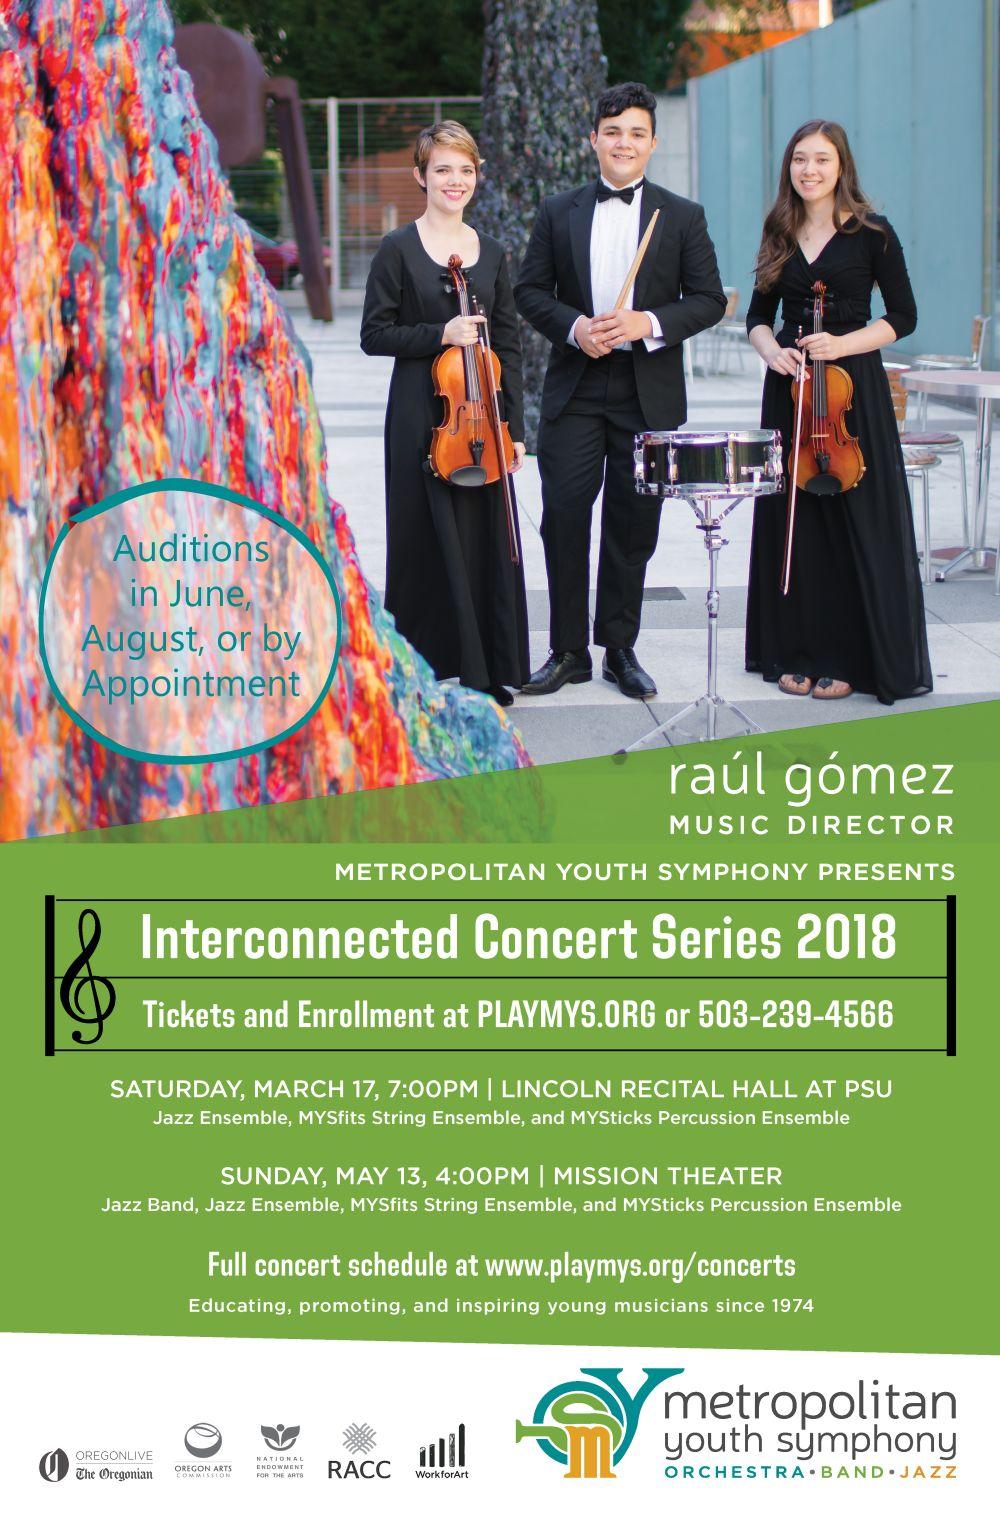 Interconnected Concert Series 2018